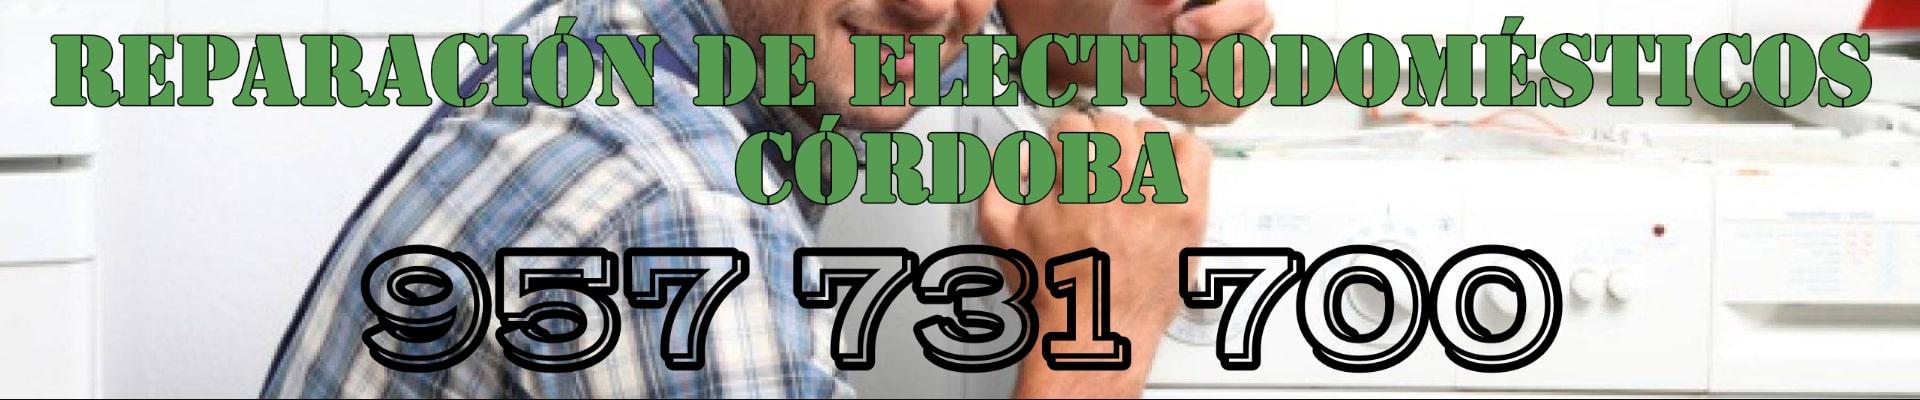 Reparación Electrodomésticos Córdoba